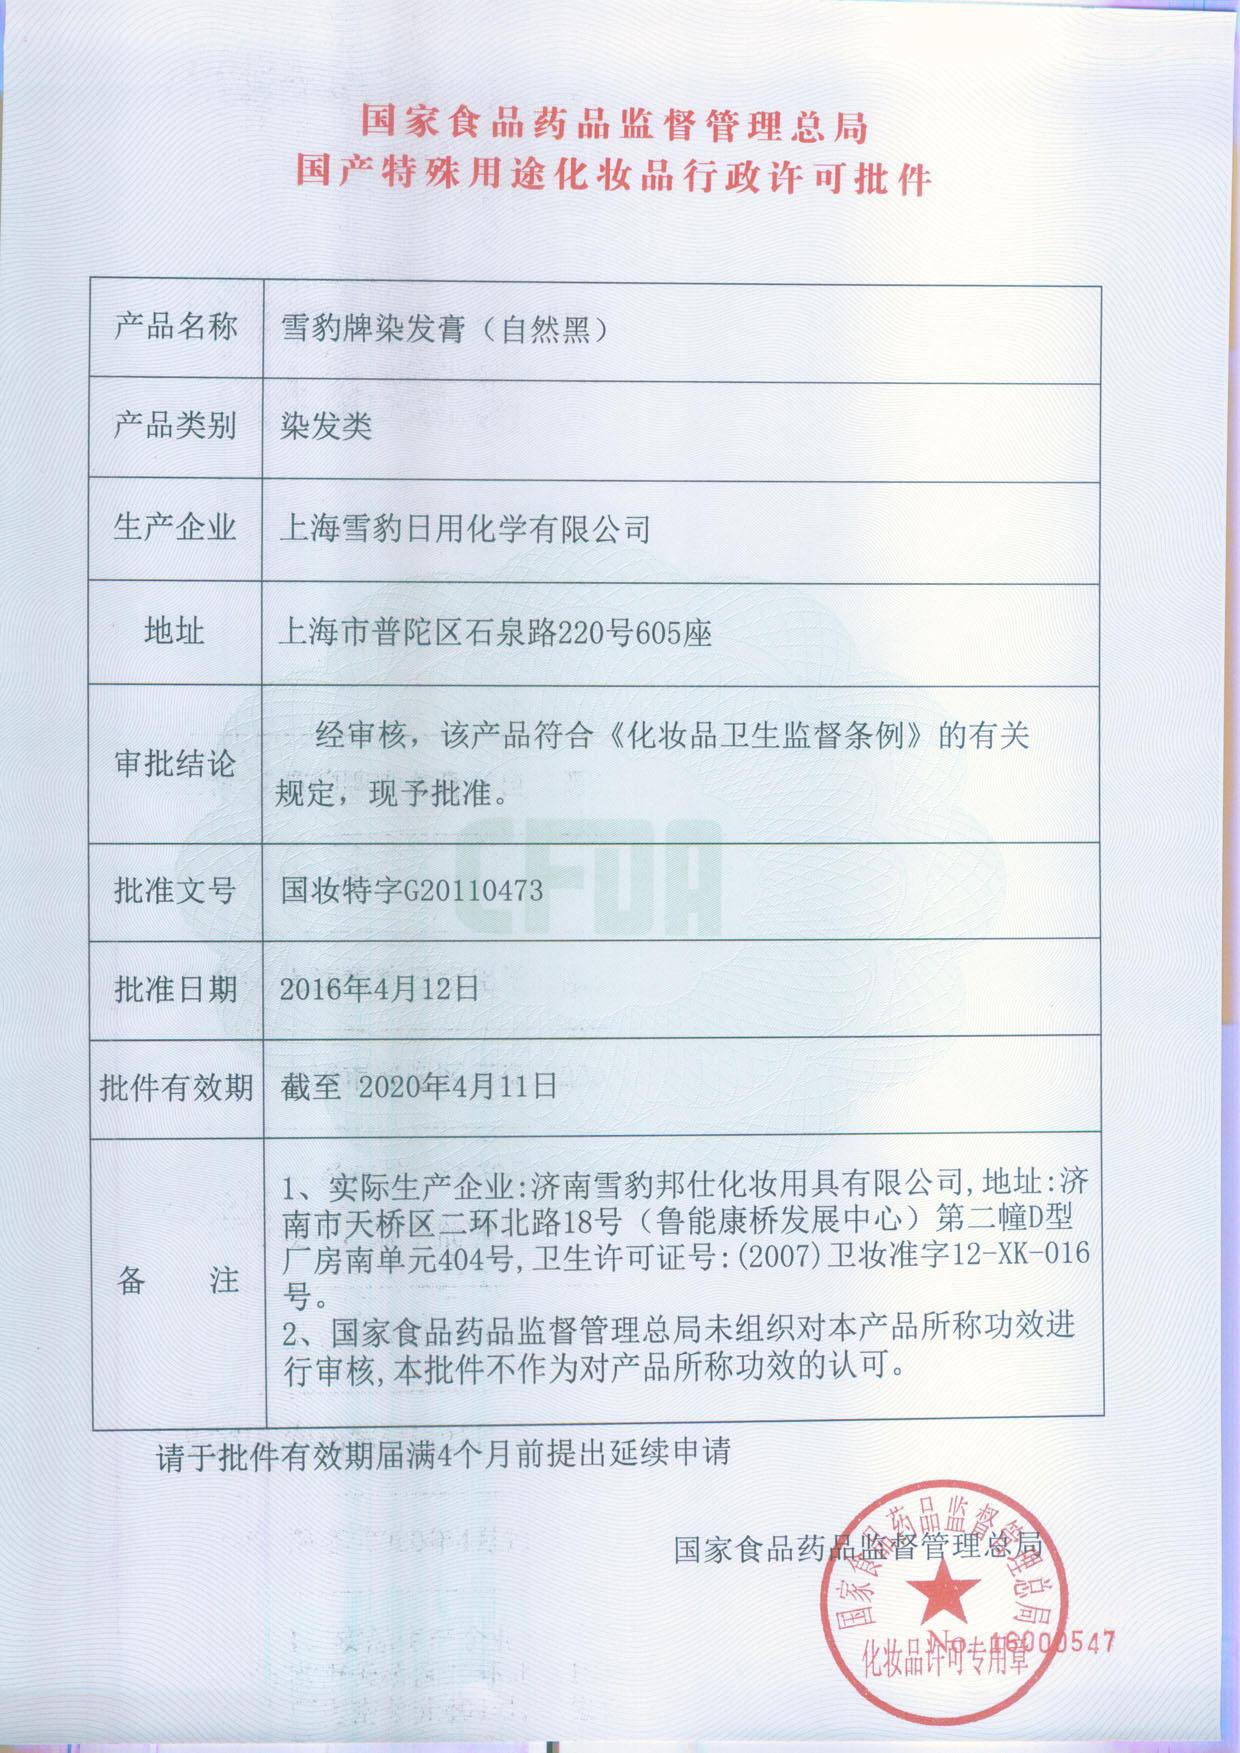 雪豹邦仕染发梳韩国技术纯正品泡泡沫染发剂染发膏植物染发剂墨风